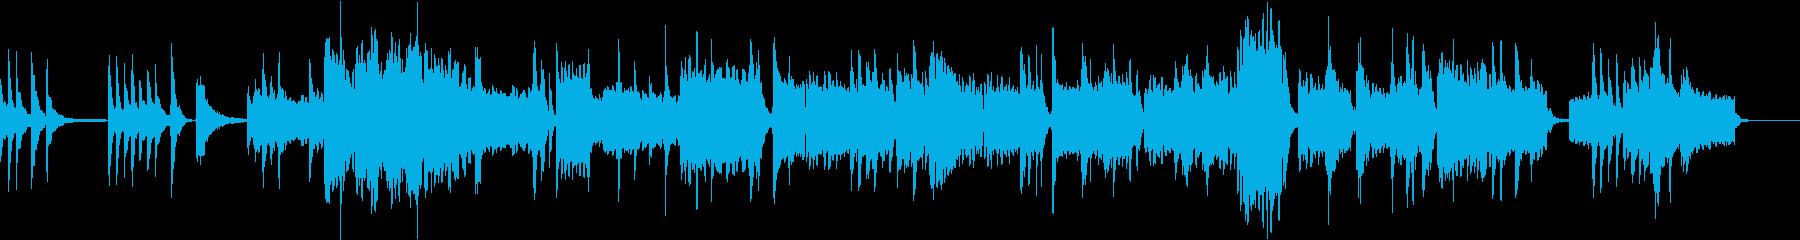 お正月のような琴と笛の曲の再生済みの波形